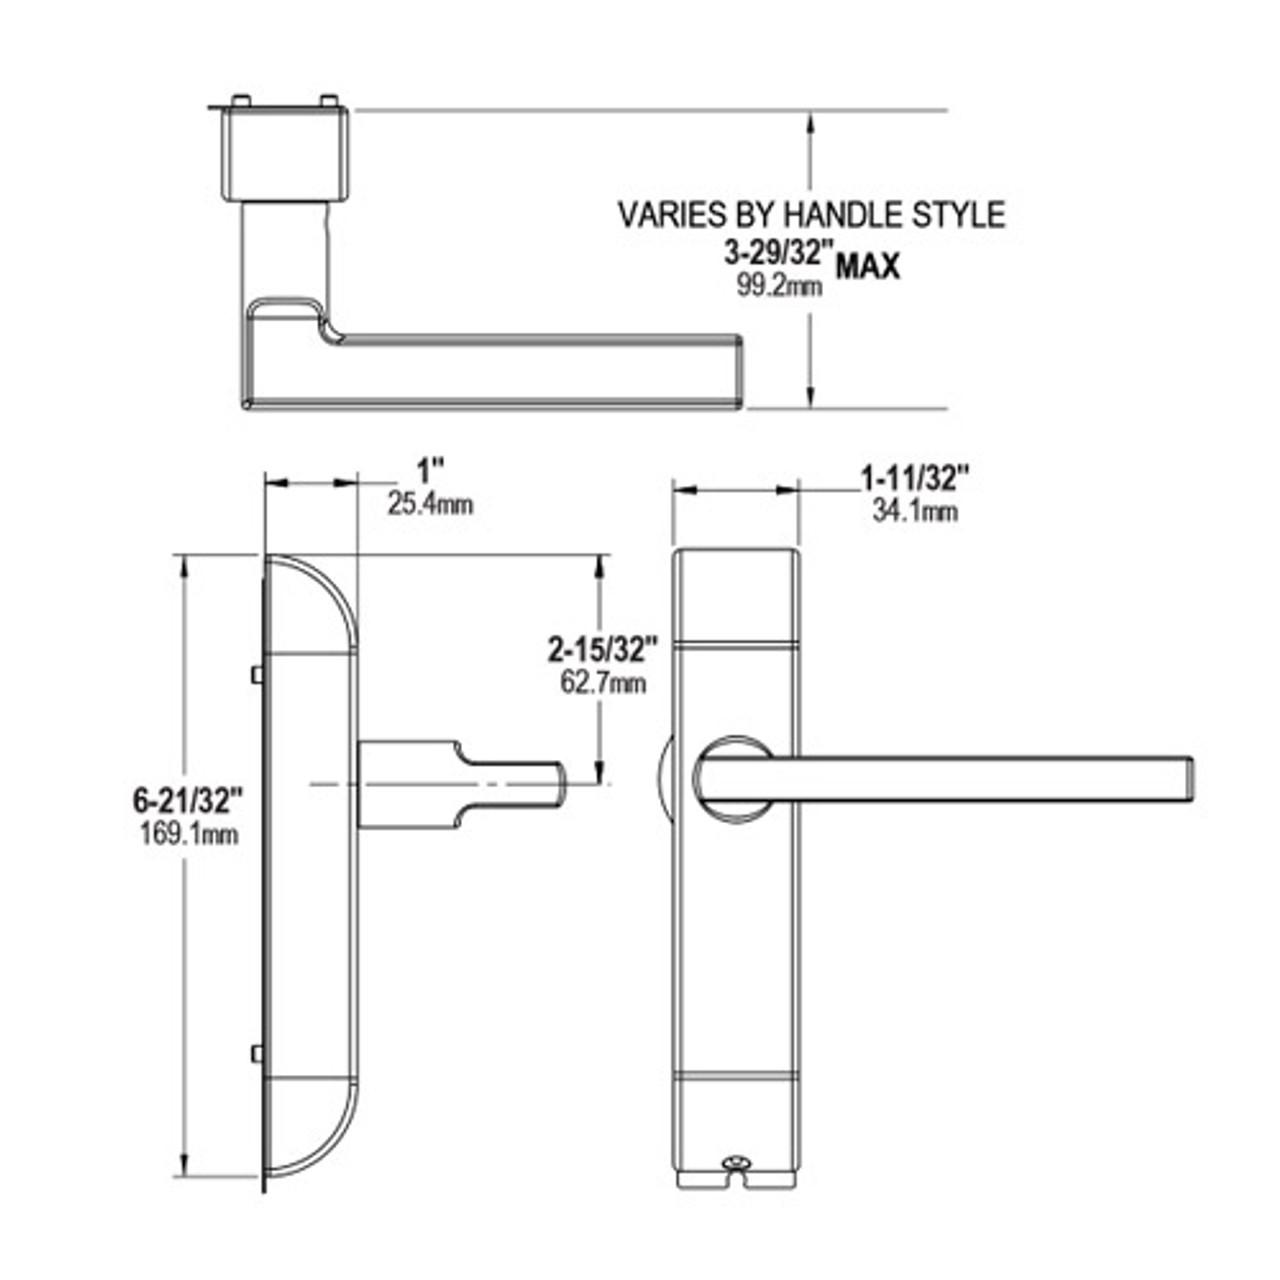 4600M-MJ-641-US32D Adams Rite MJ Designer handle Dimensional View